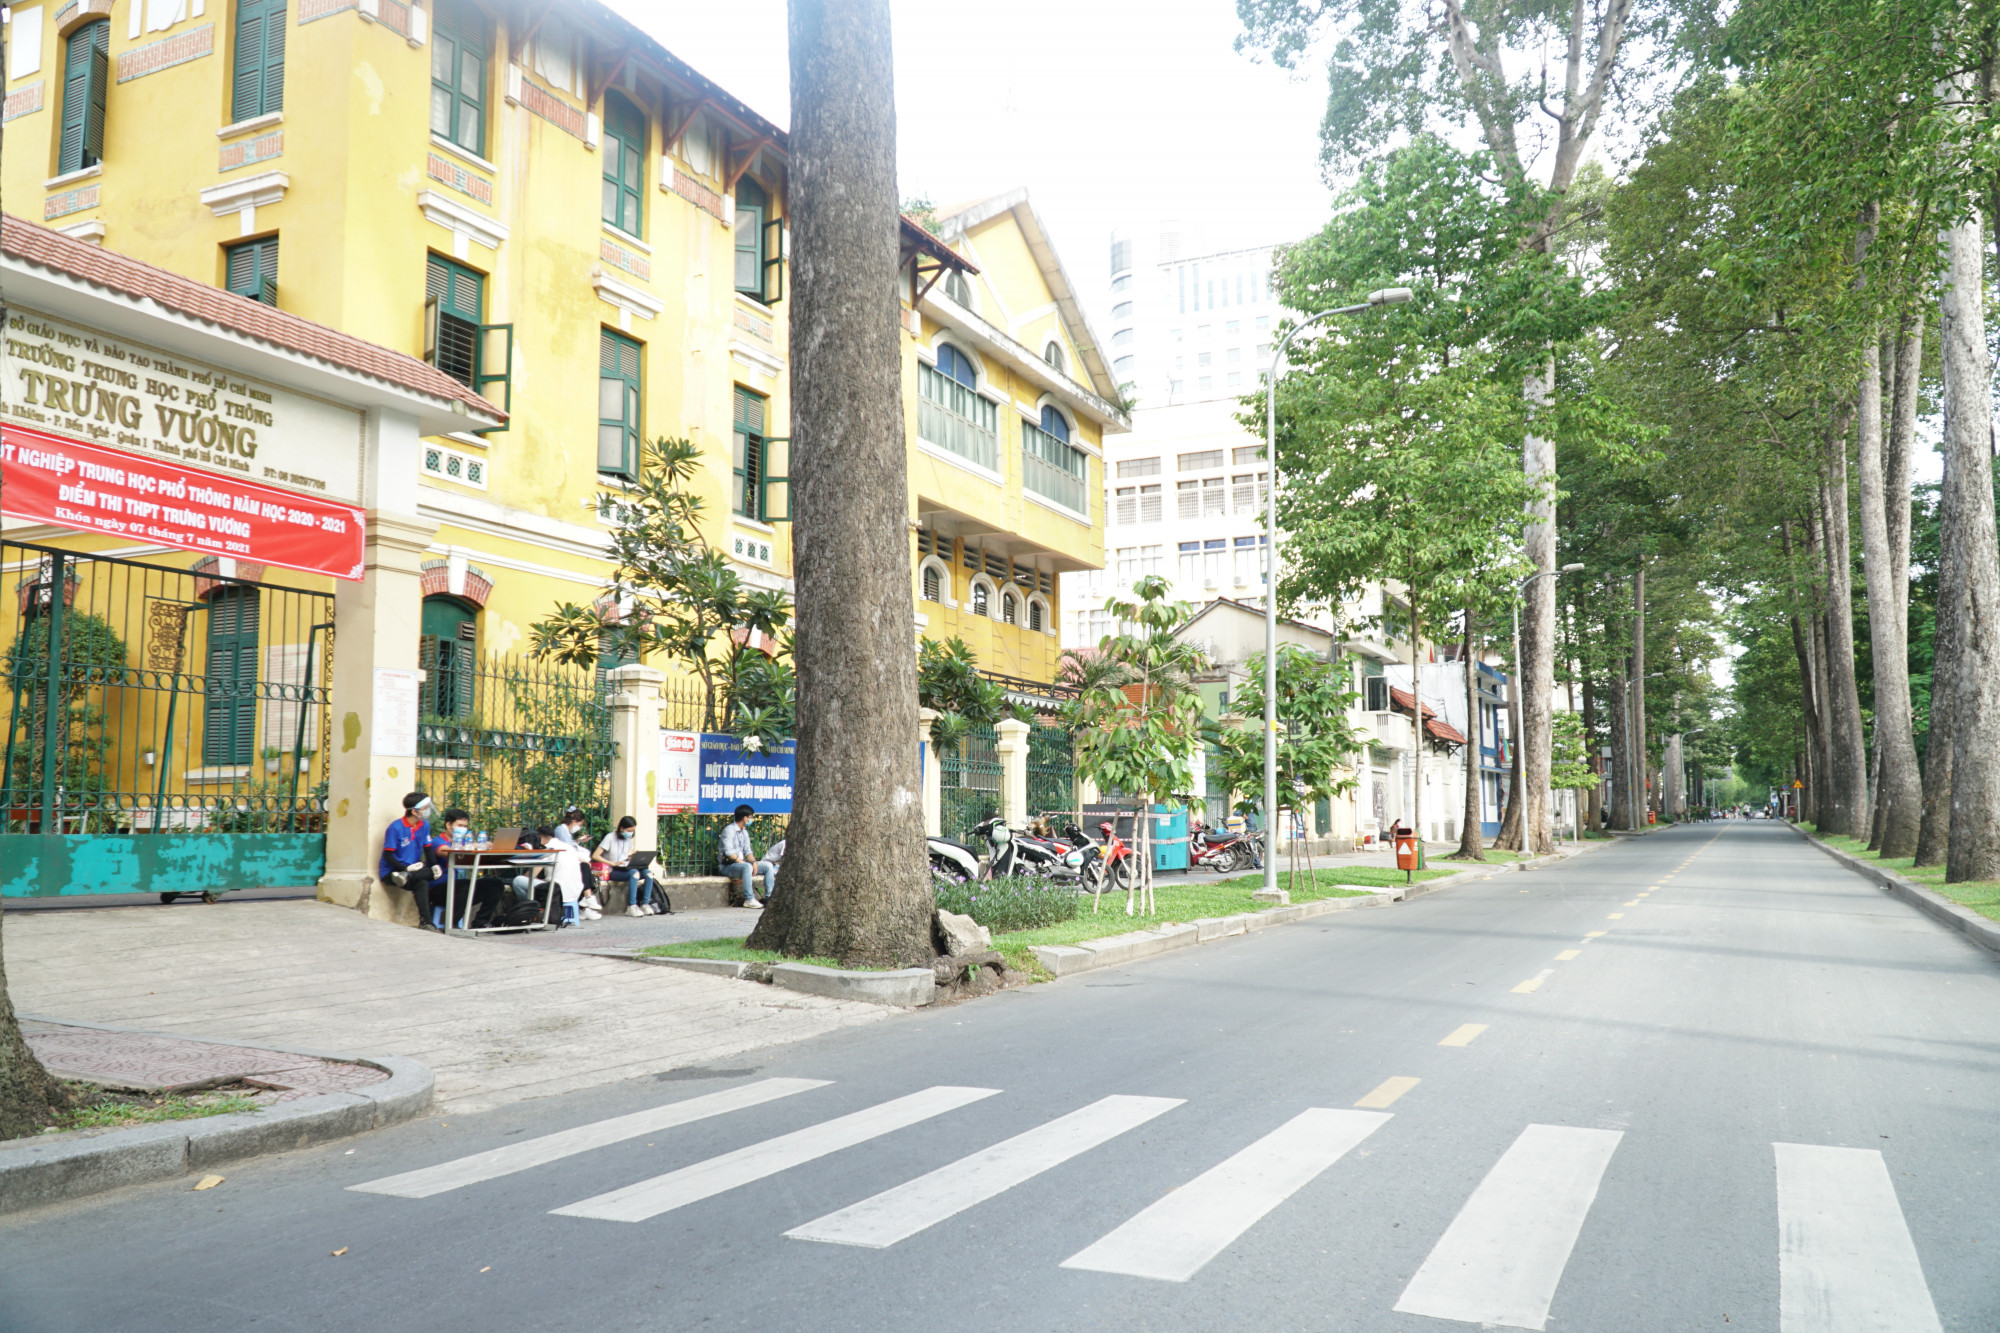 Khu vực trước cổng trường được phân luồng phương tiện thống thống